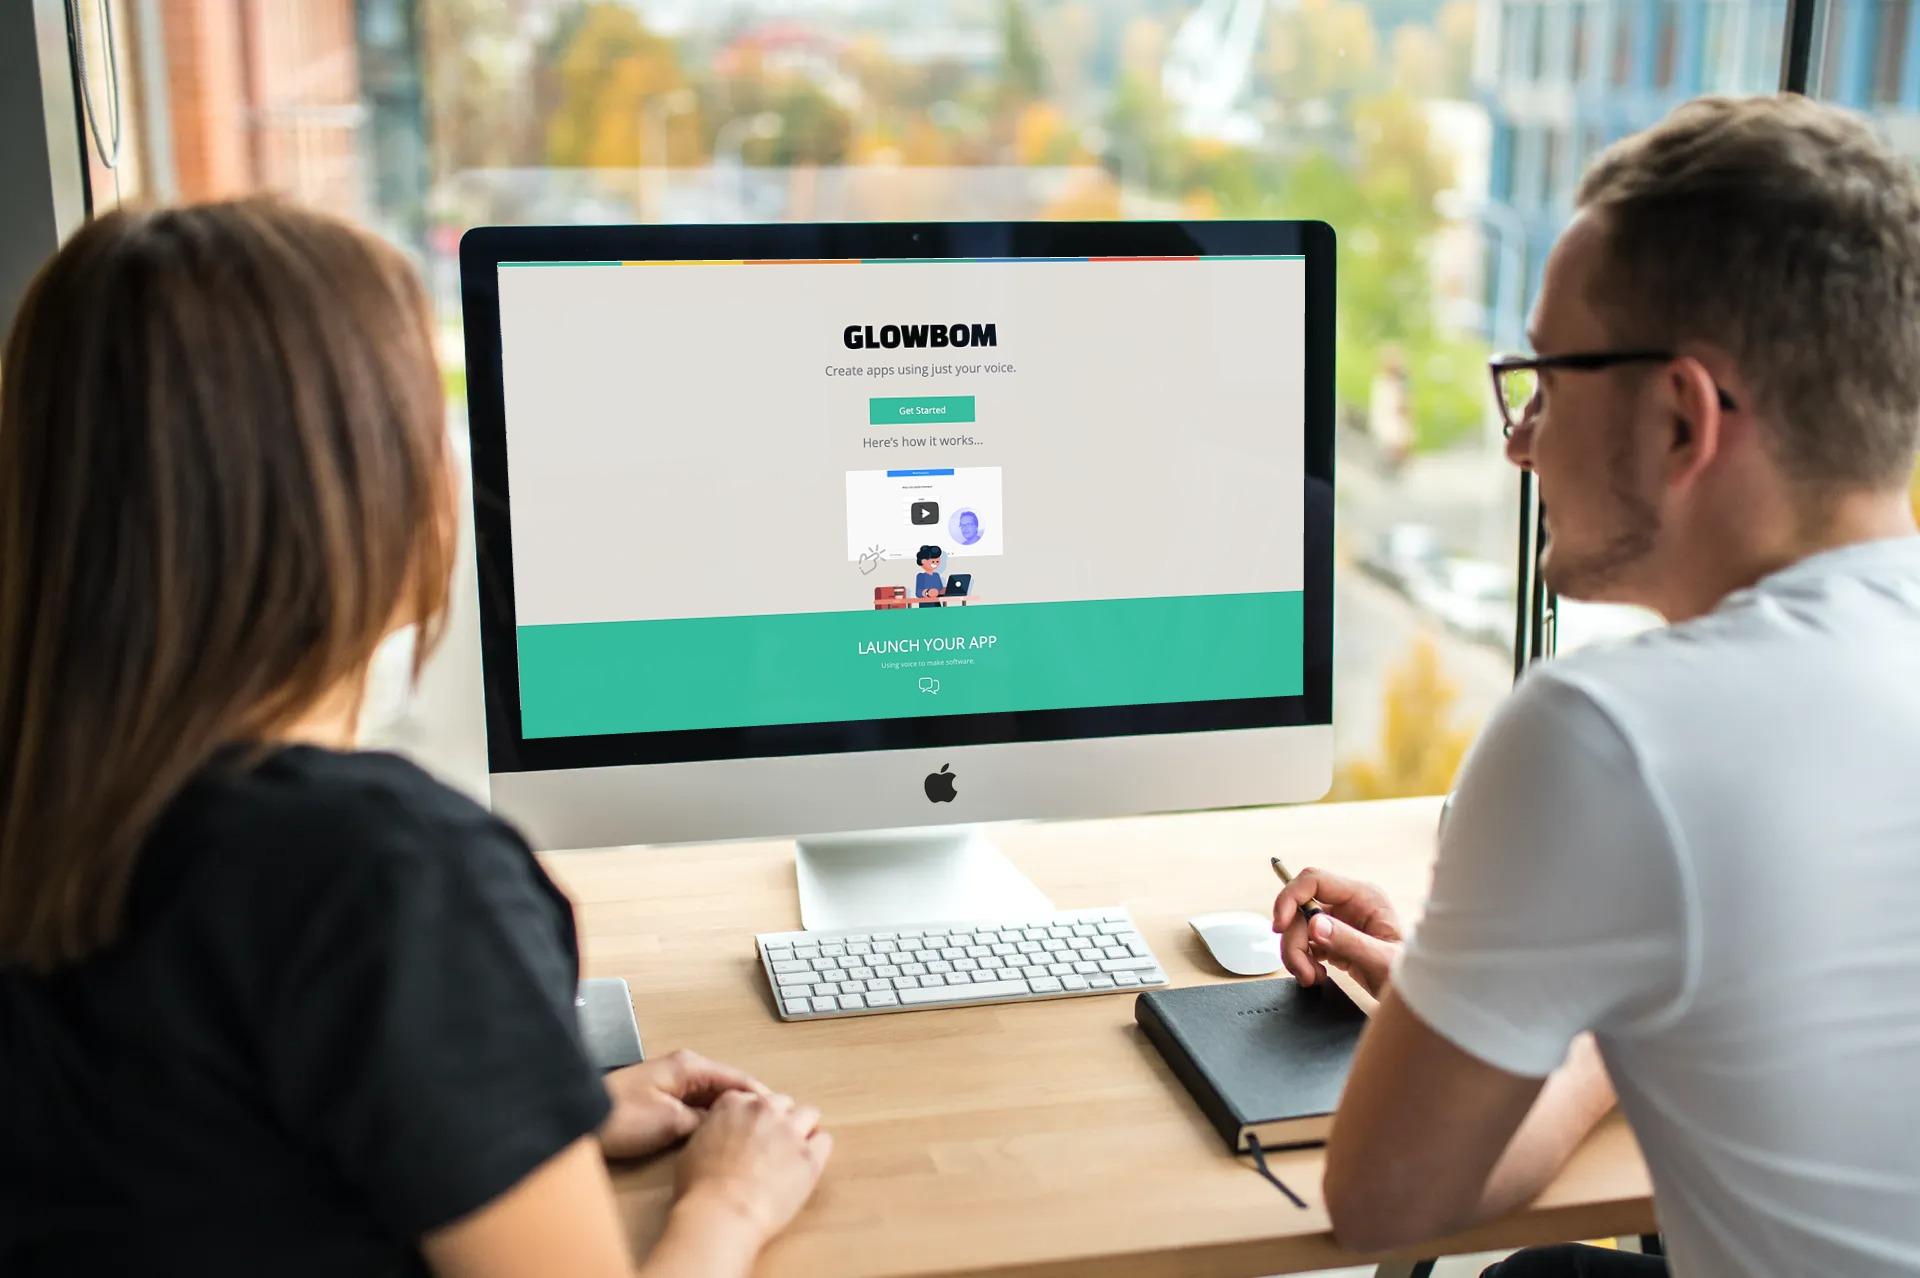 Colleagues looking at Glowbom website homepage